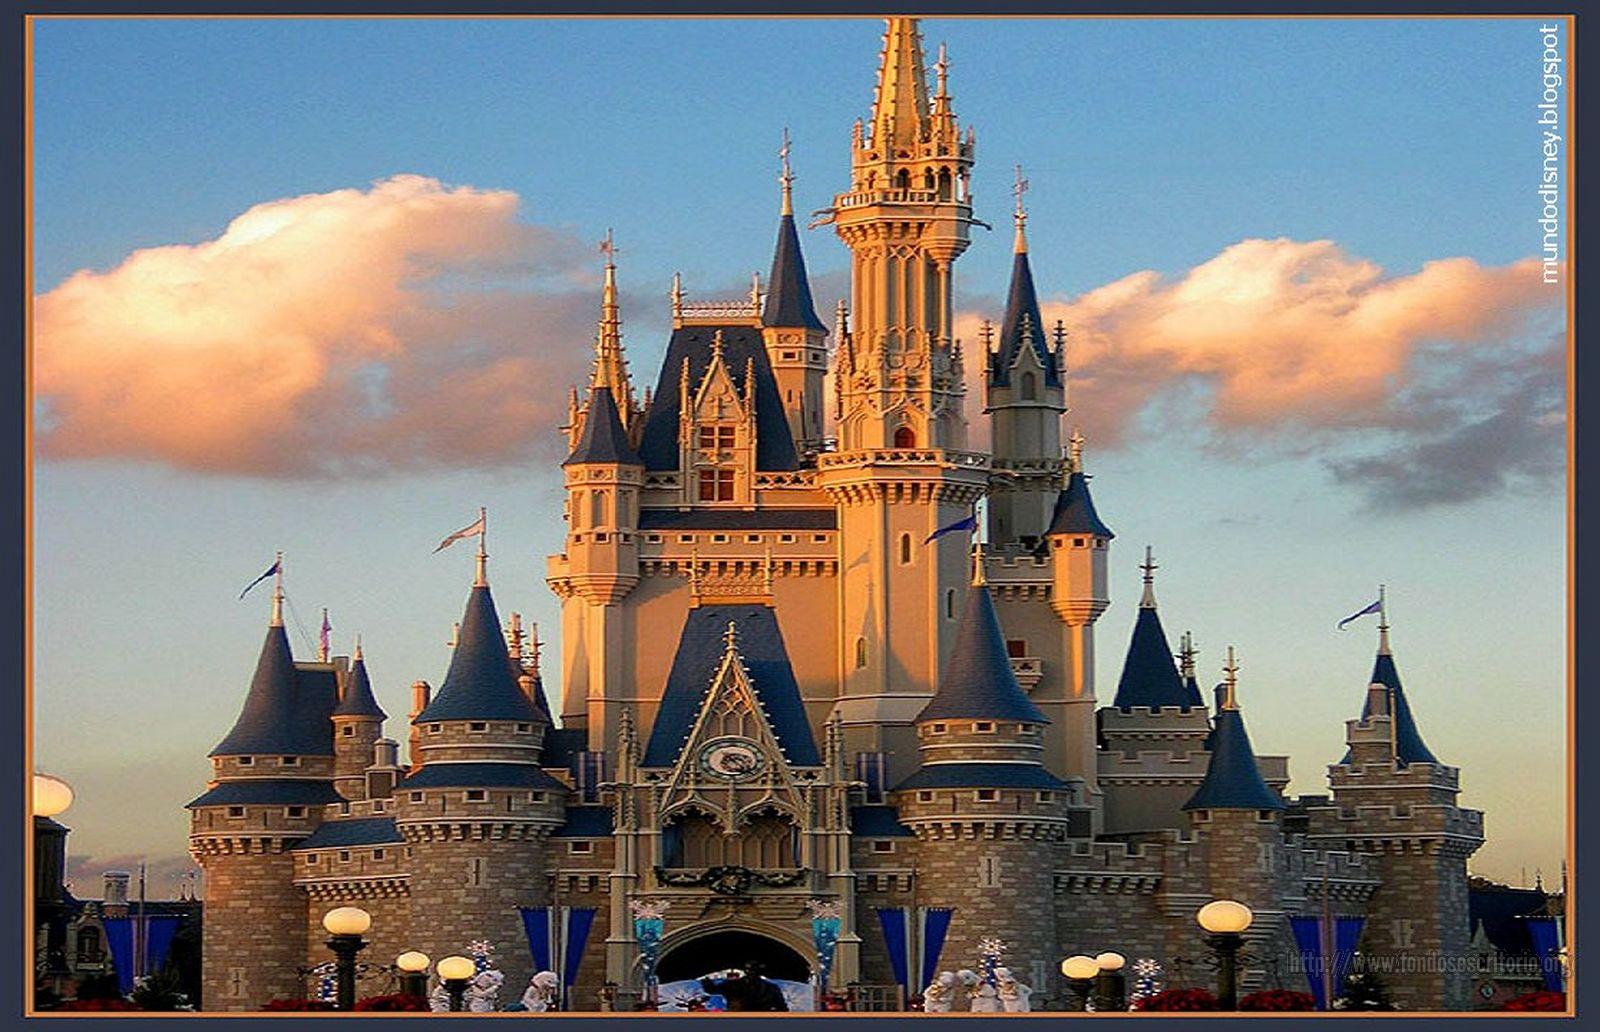 Disney (100) [1600x1200]-841200